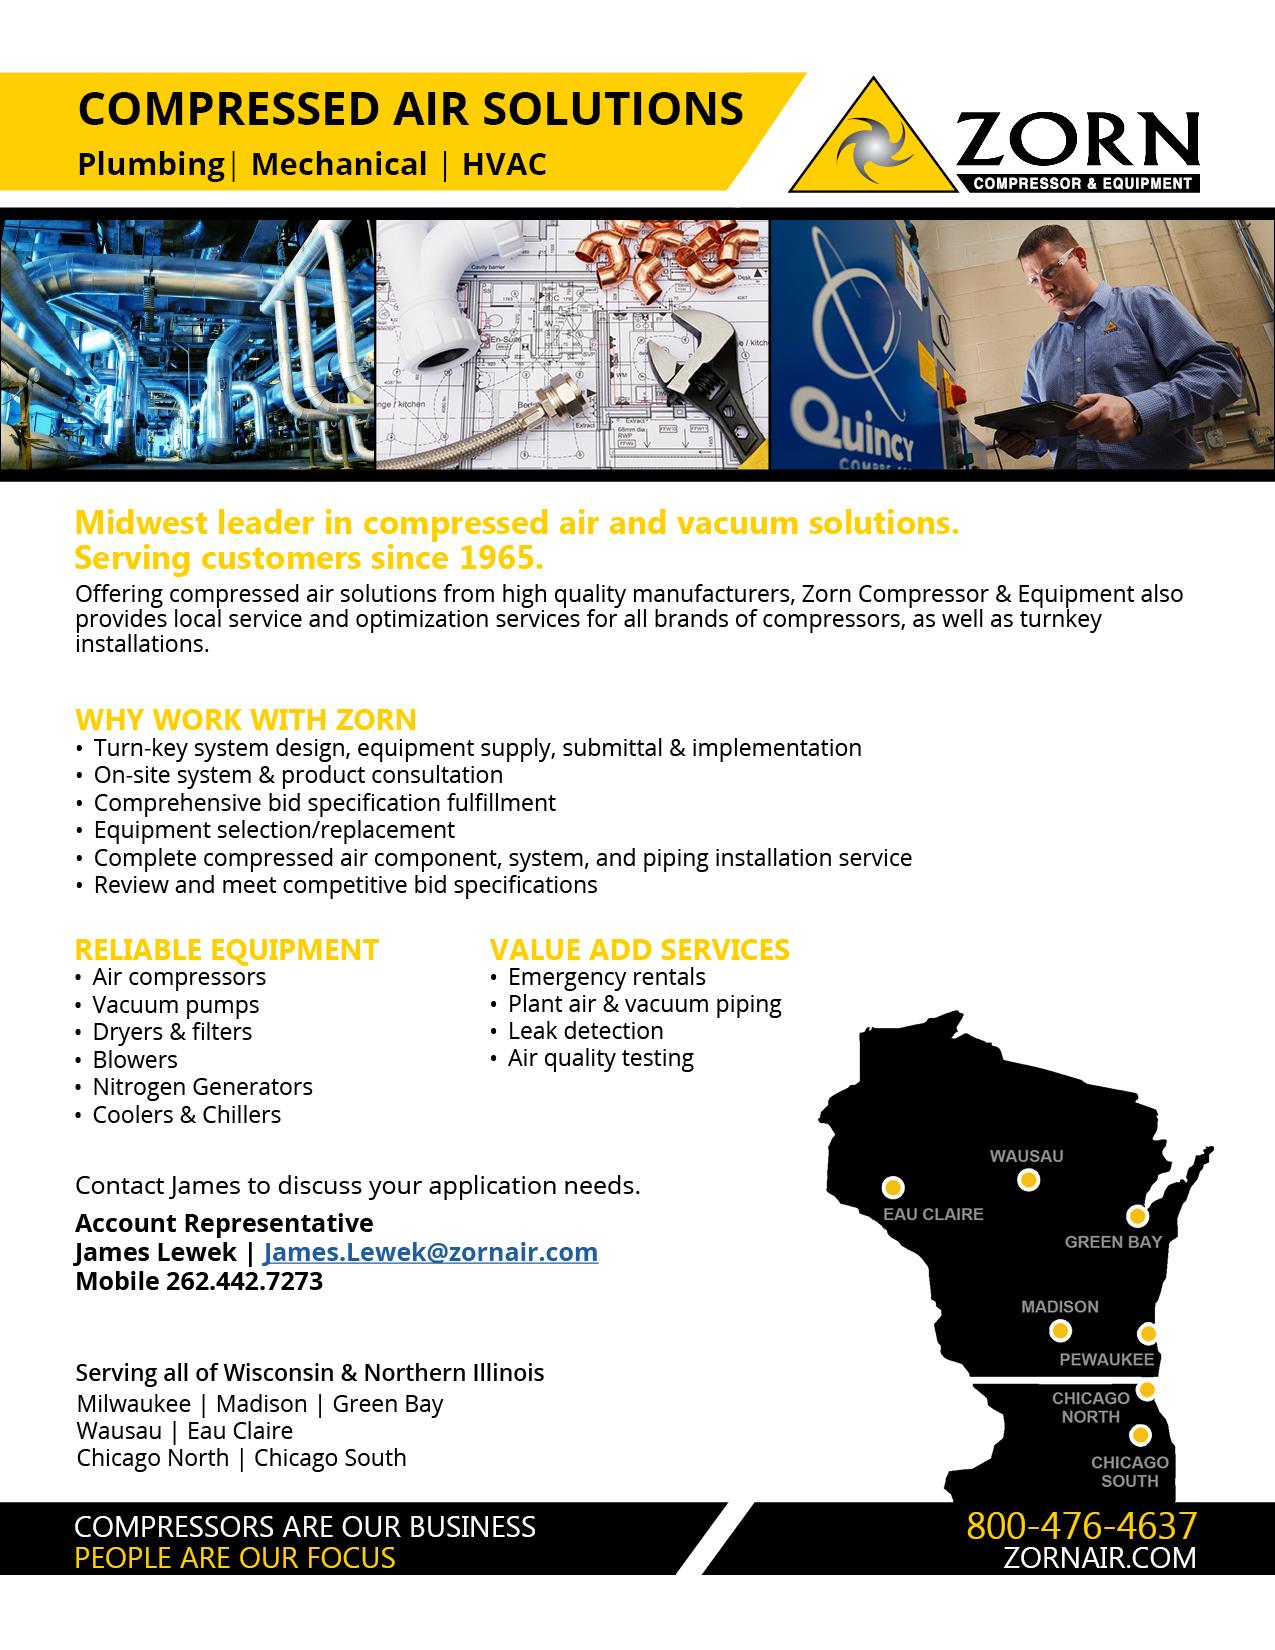 Contractor Brochure FINAL JPEG 2.20.19.jpg